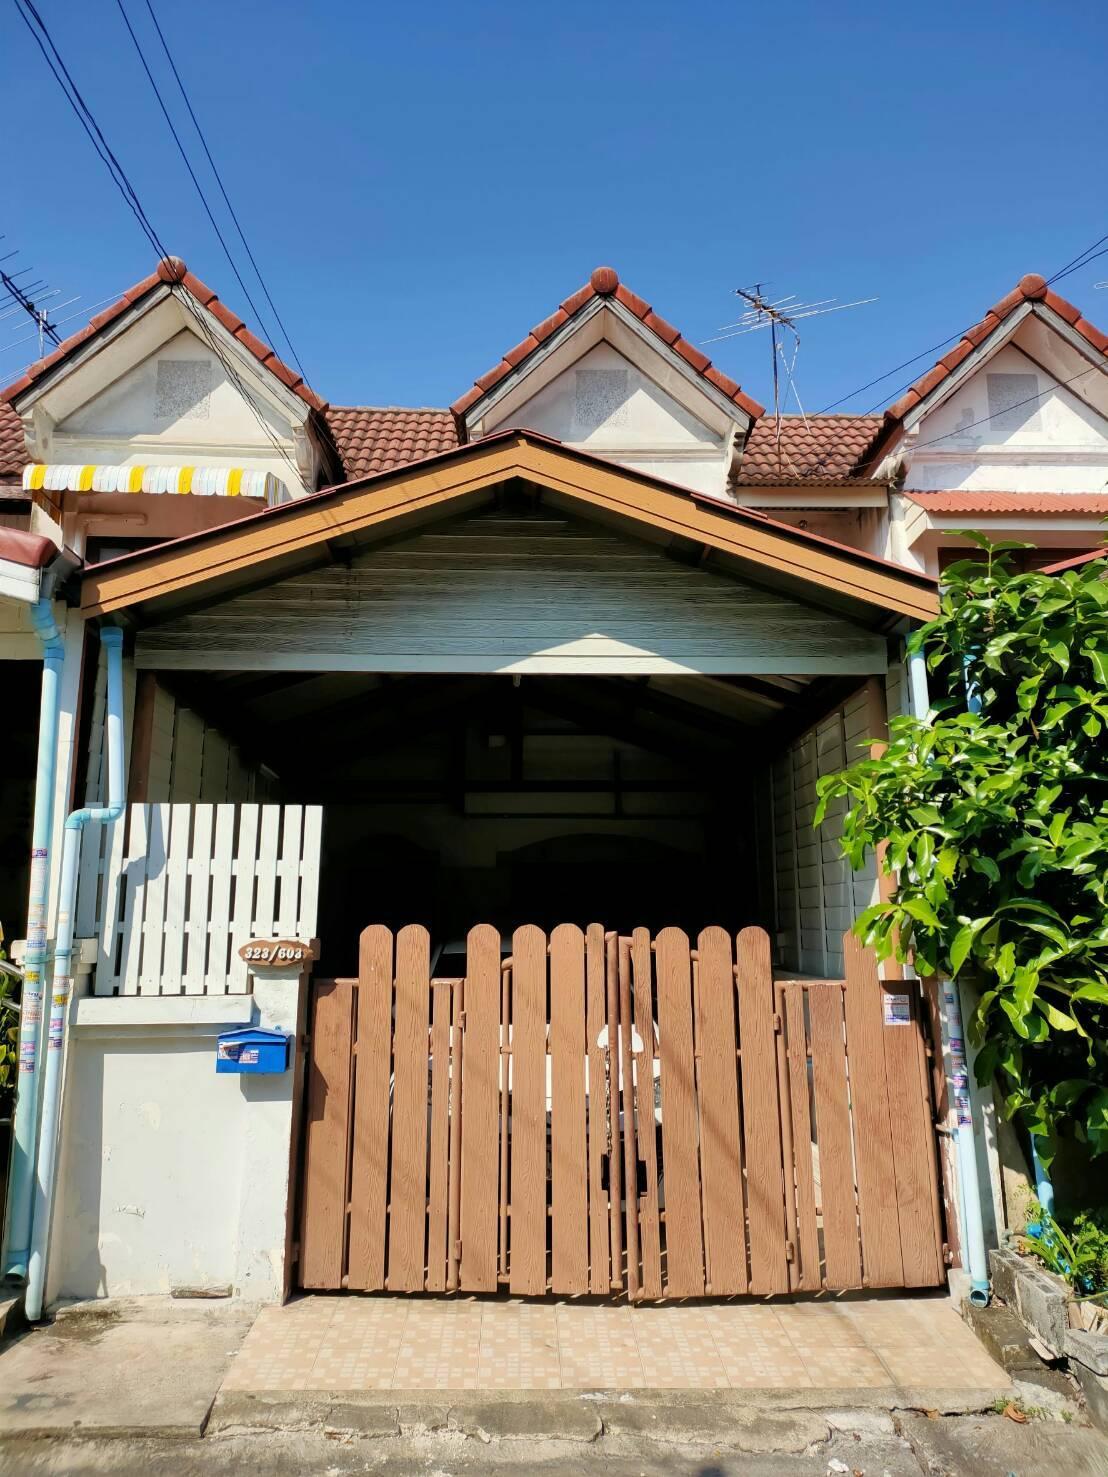 ขาย ทาวเฮาส์ 16 ตรว. 2 ห้องนอน 2 ห้องน้ำ ถนนสายไหม 33 กทม. ต่อเติมโรงจอดรถเรียบร้อย,,ต่อเติมส่วนครัว